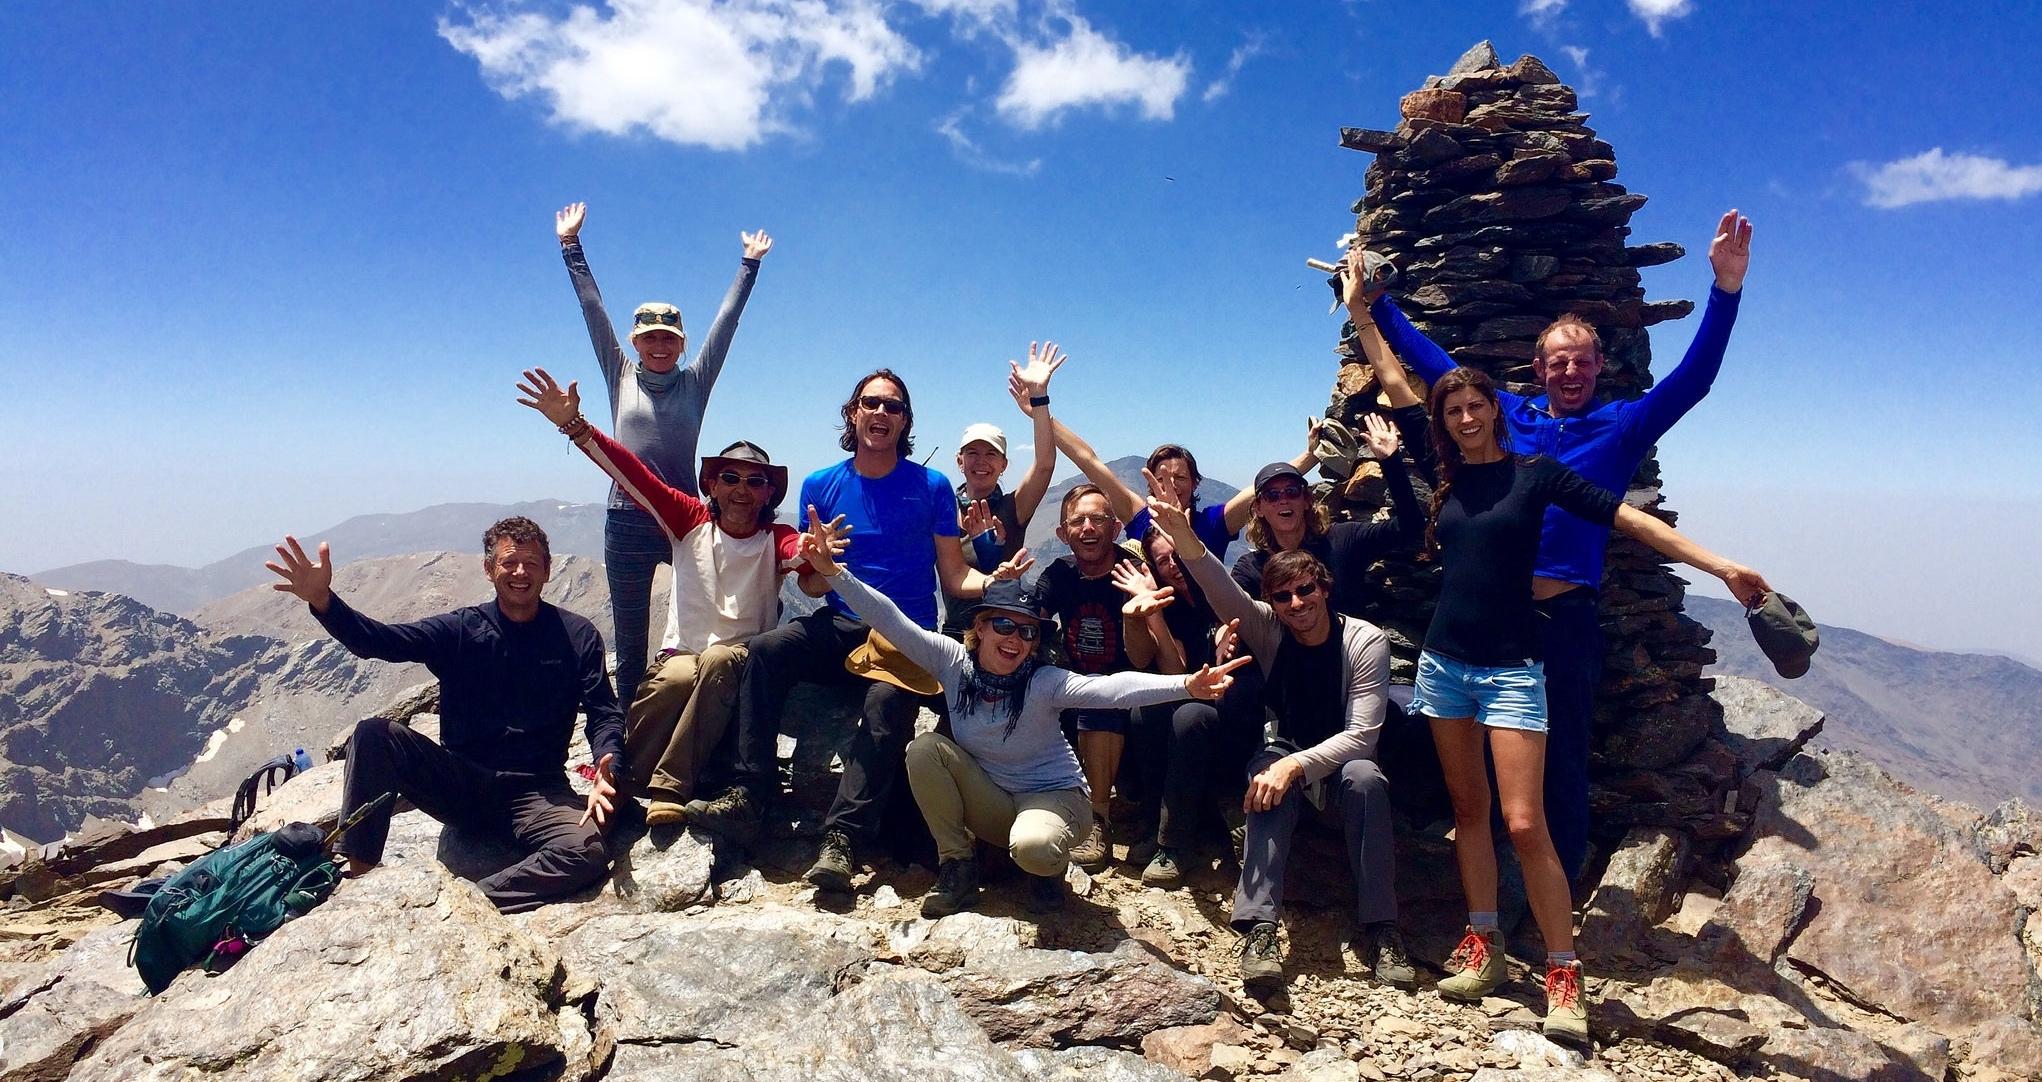 3 Peaks Challenge in Spain